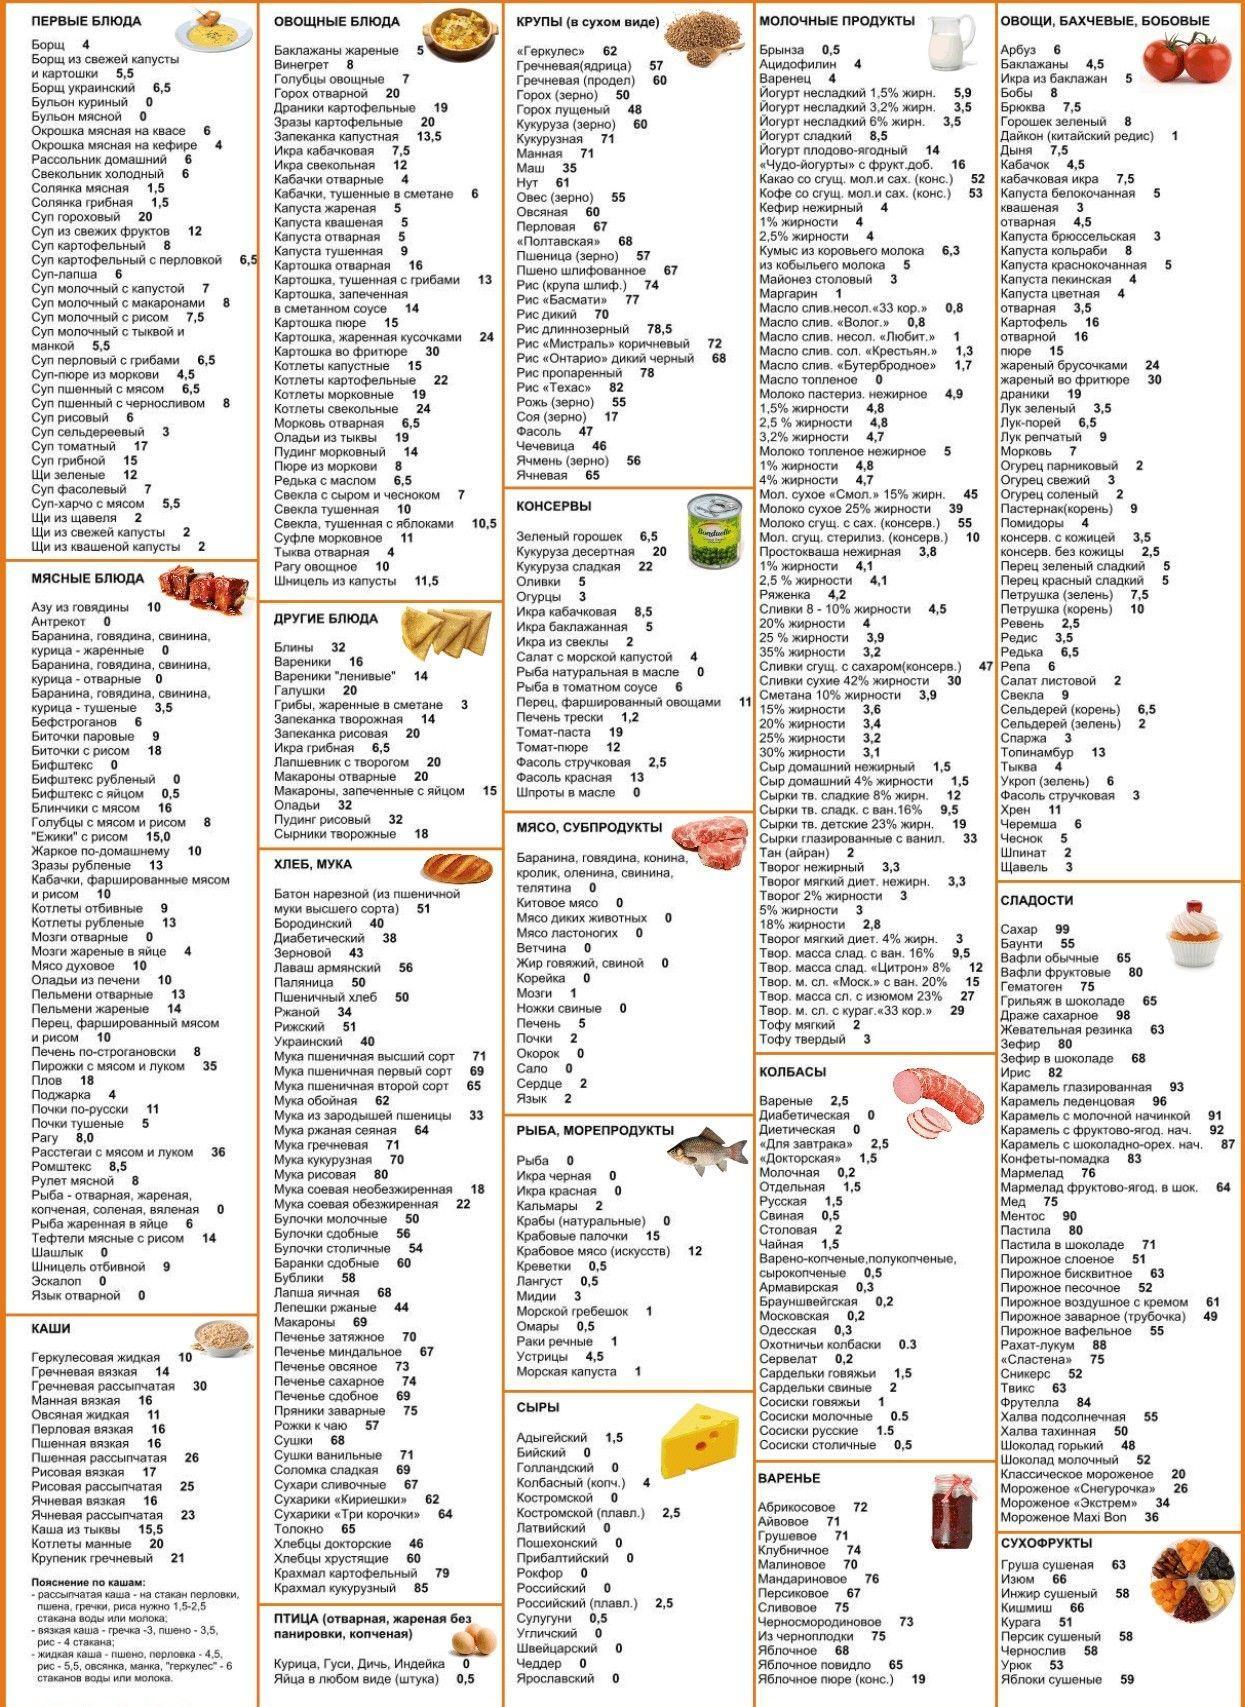 Таблица очков кремлевской диеты